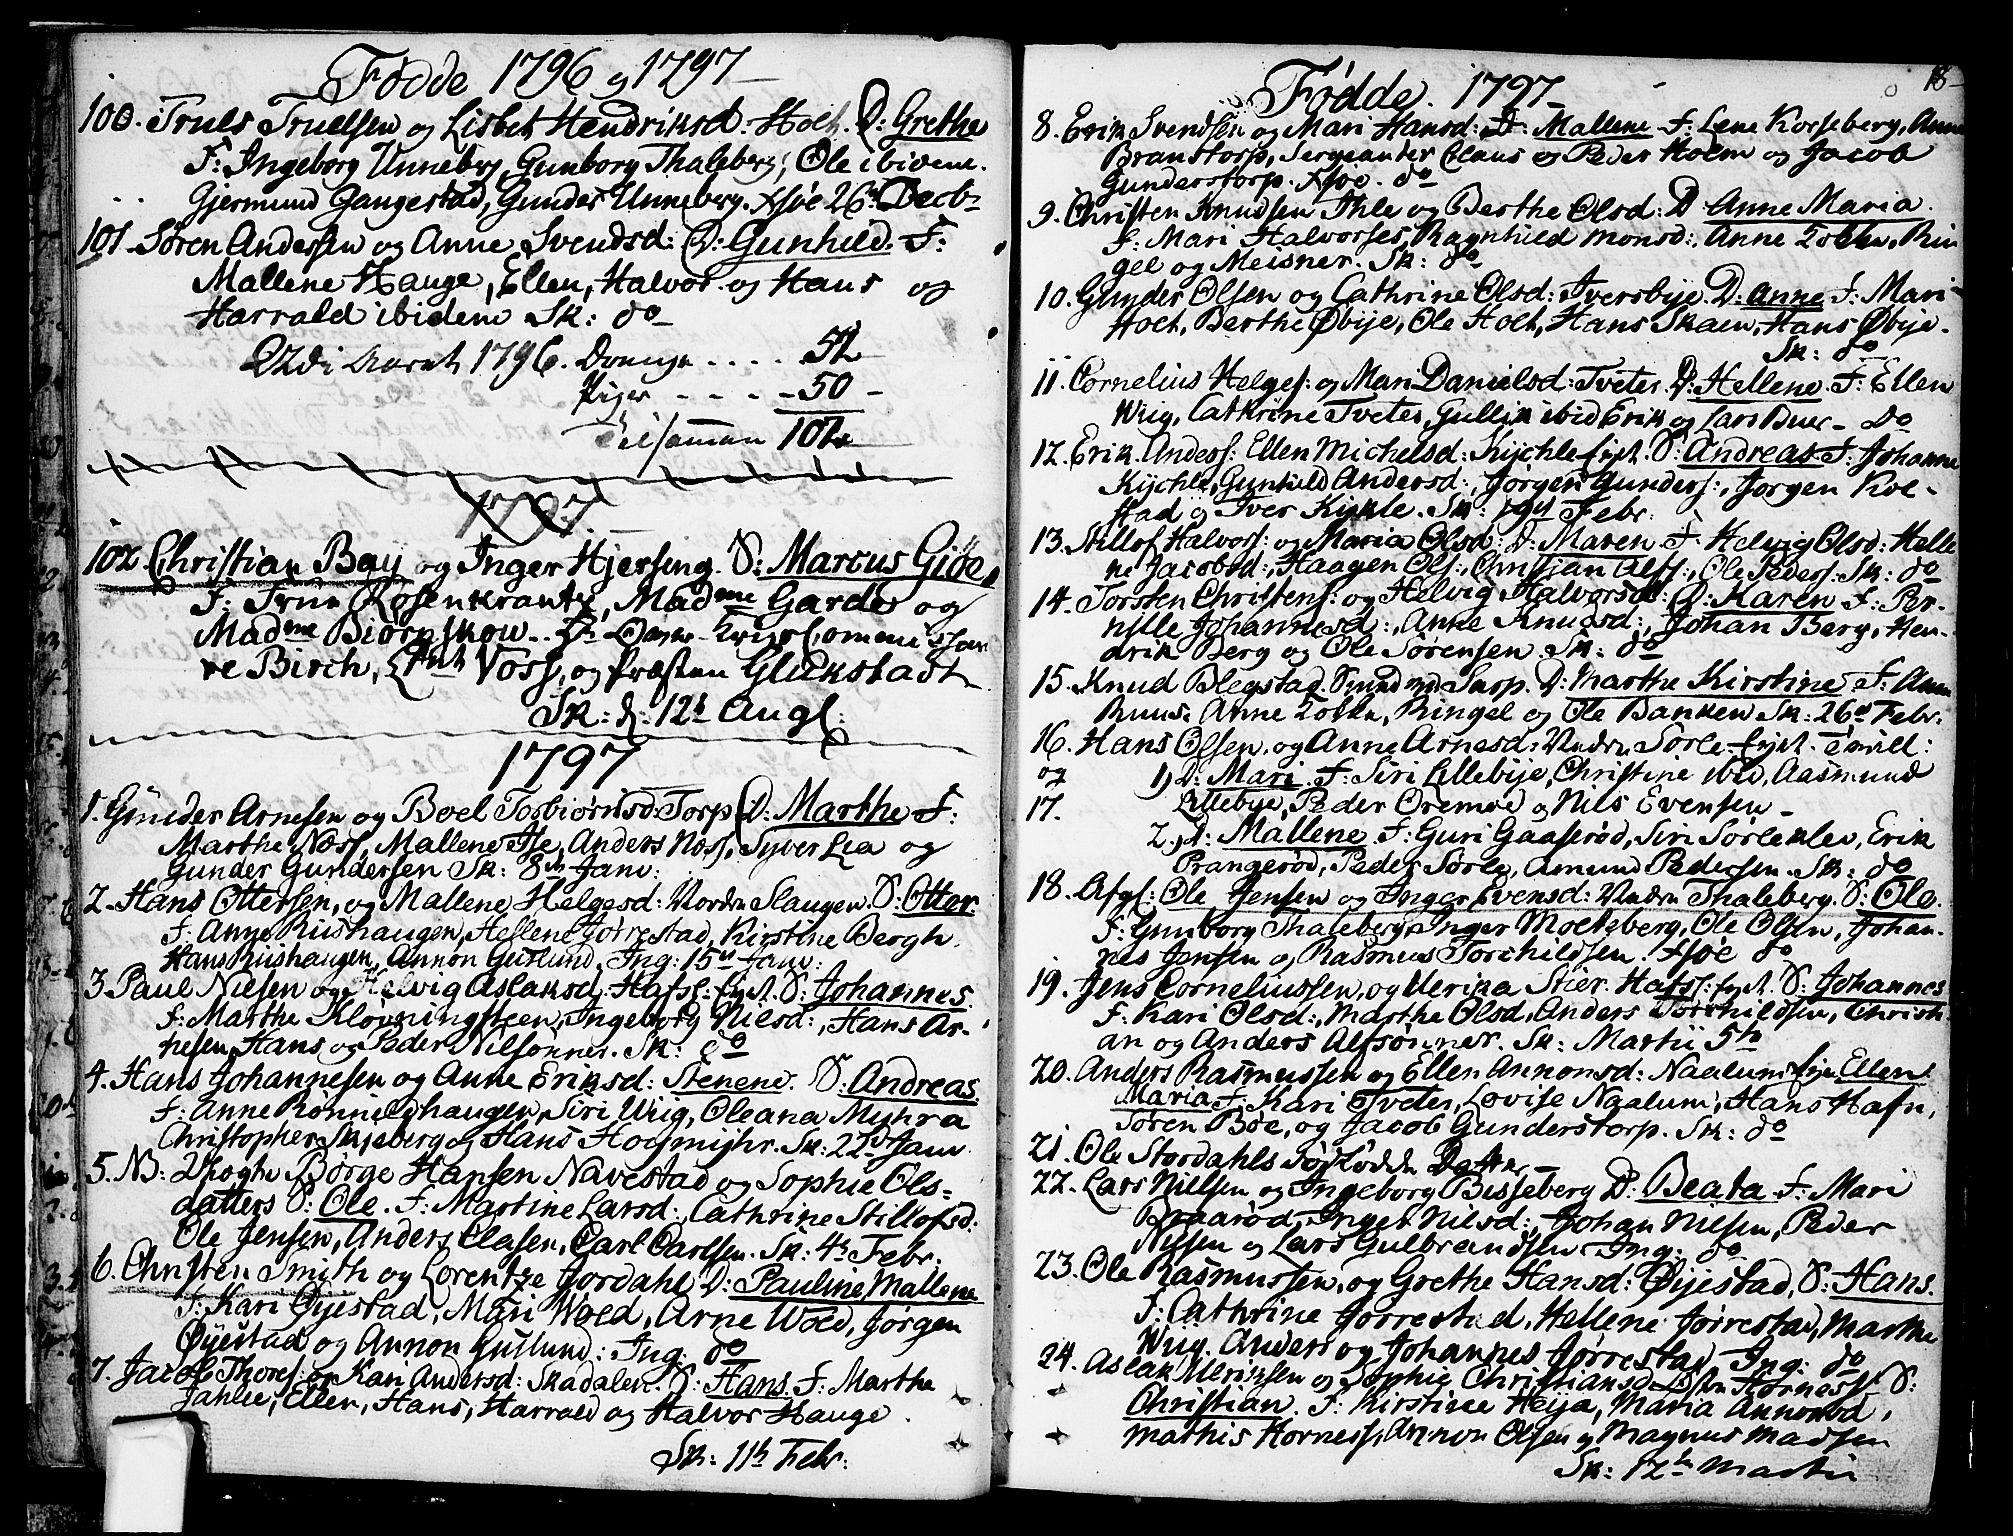 SAO, Skjeberg prestekontor Kirkebøker, F/Fa/L0003: Ministerialbok nr. I 3, 1792-1814, s. 18